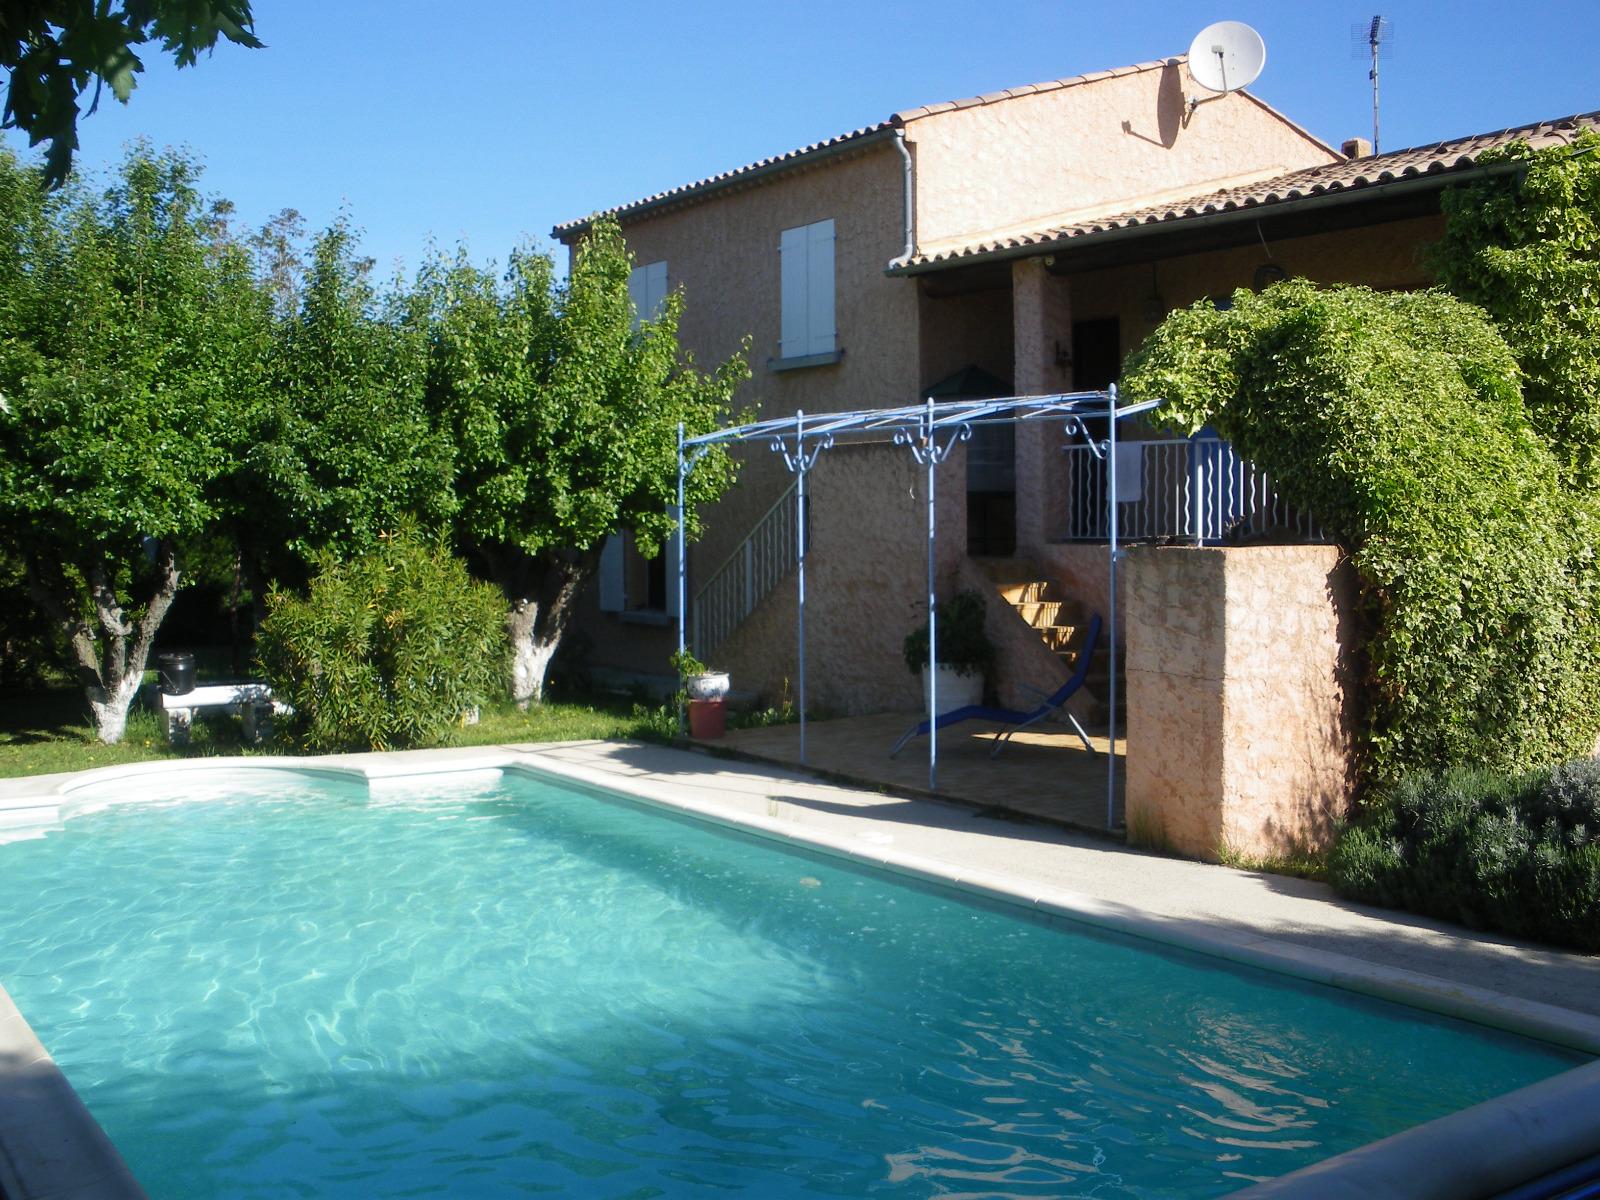 oraison villa t5 sur 1200m avec piscine garage et